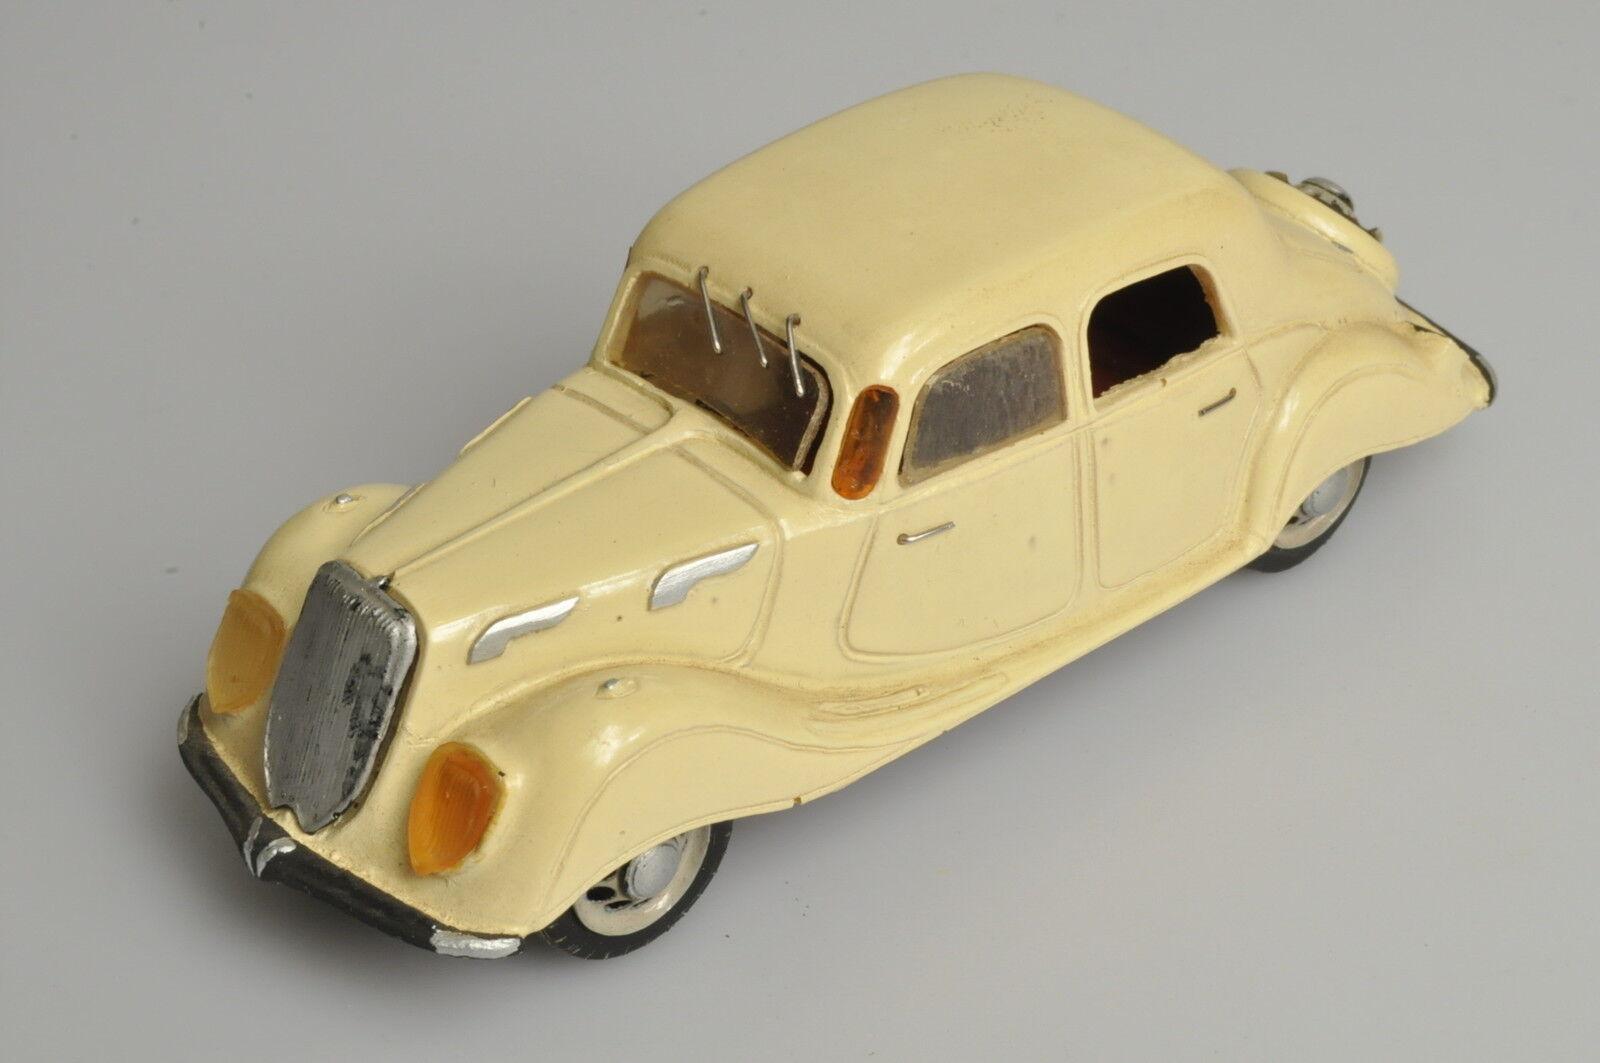 J623 Belle Epoque 1 43 1936 Panhard Dynamic en résine A- -